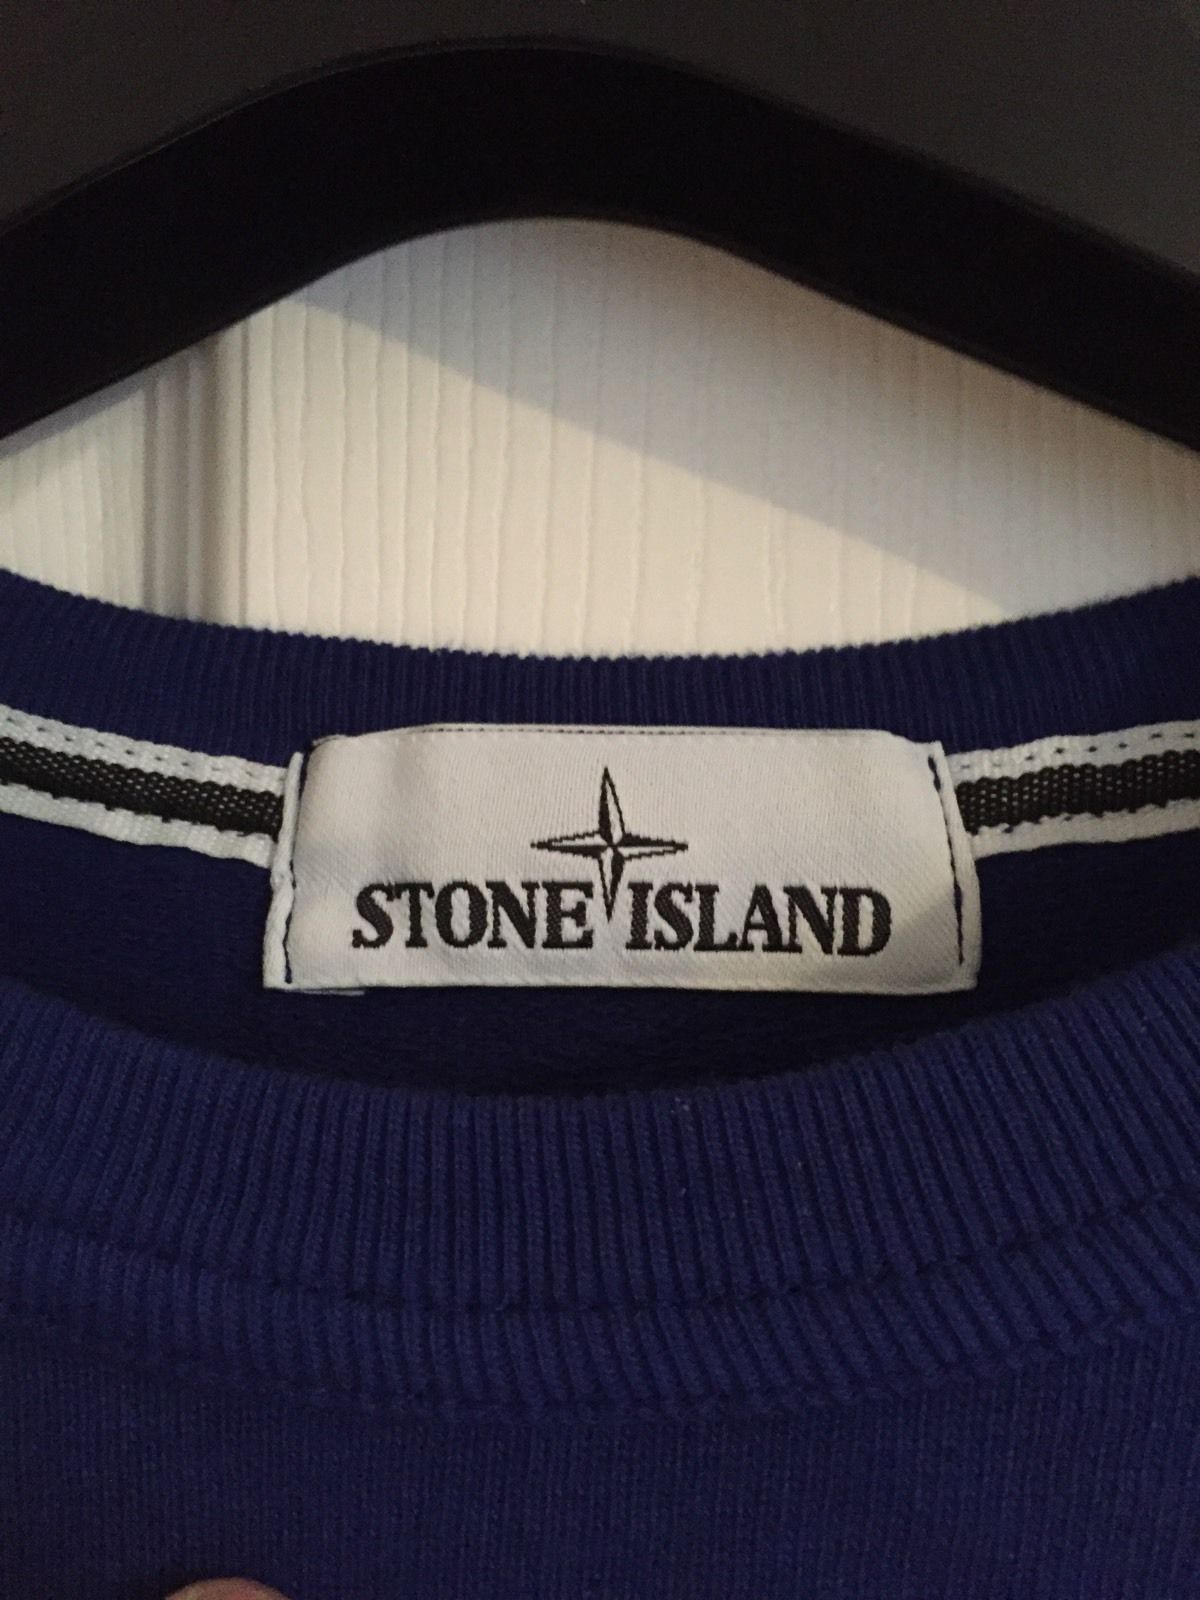 Stone Island No Certilogo